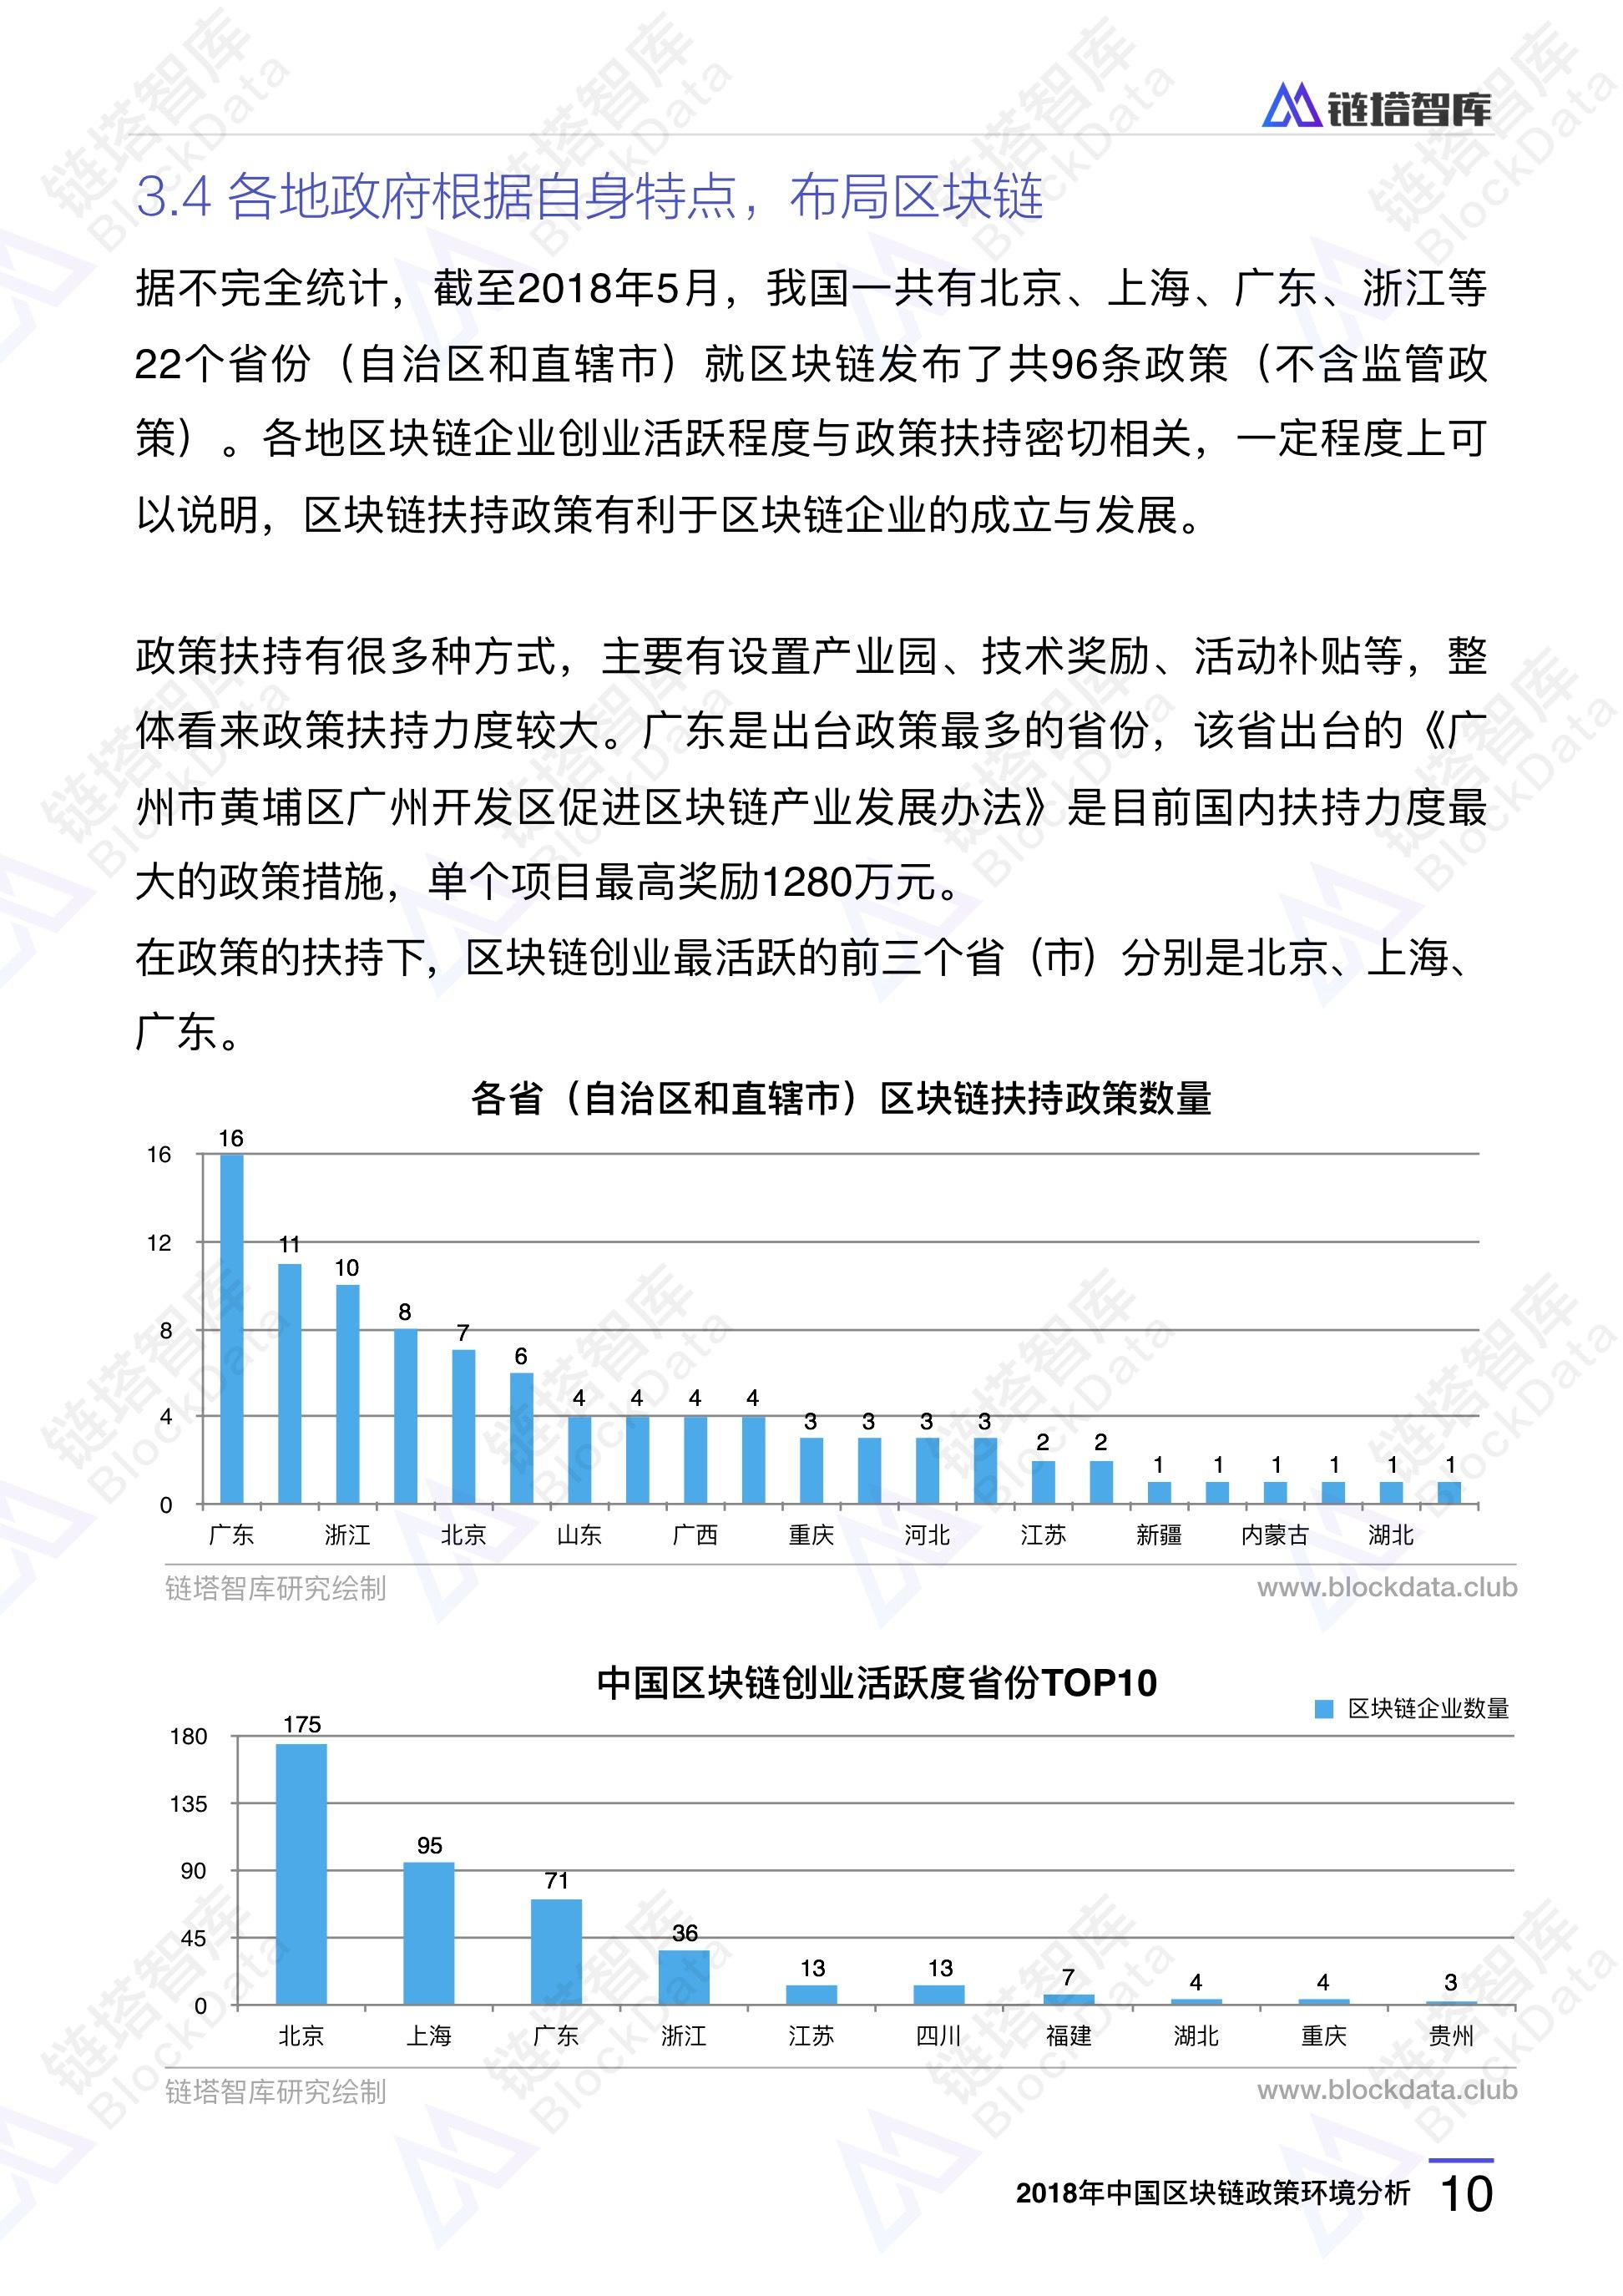 2018 年中国区块链政策环境分析